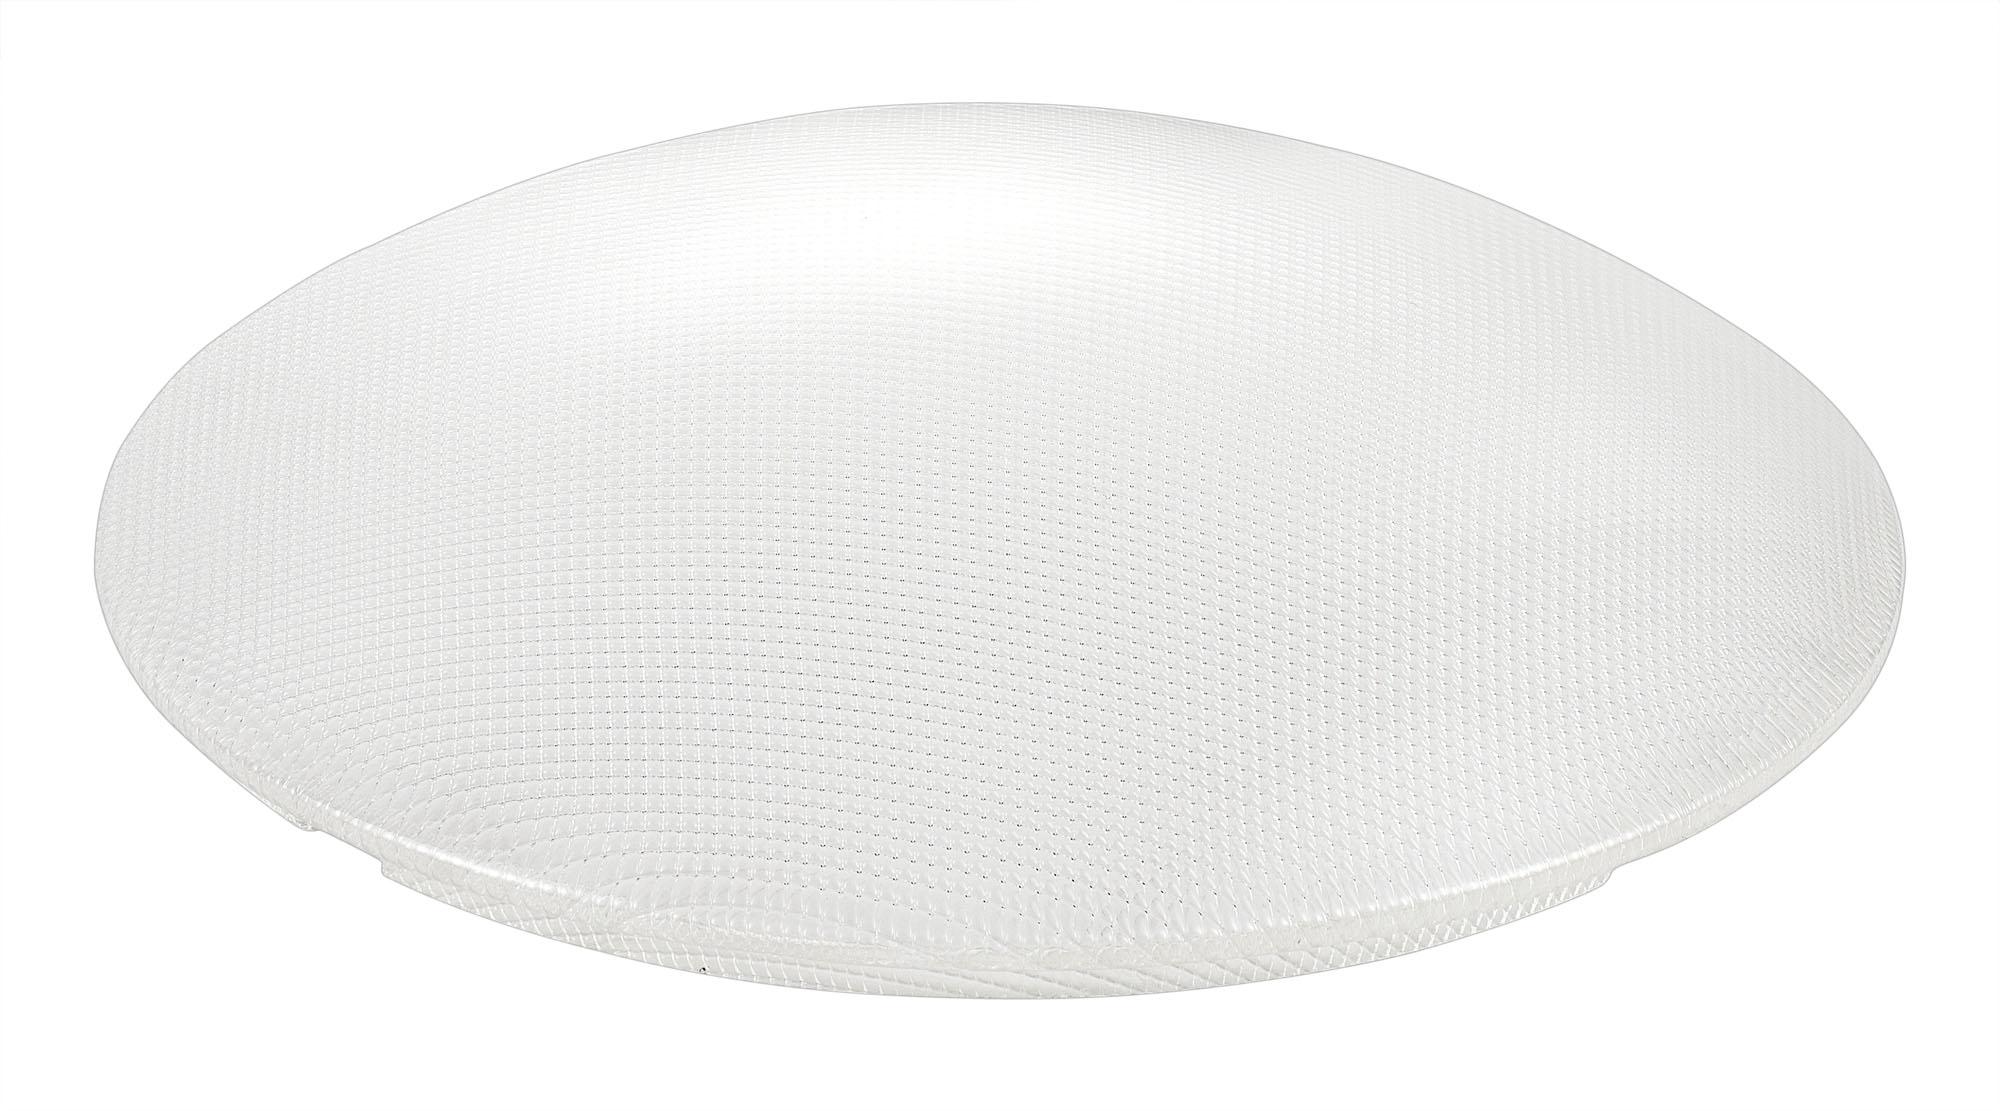 漫射罩-导光管采光系统